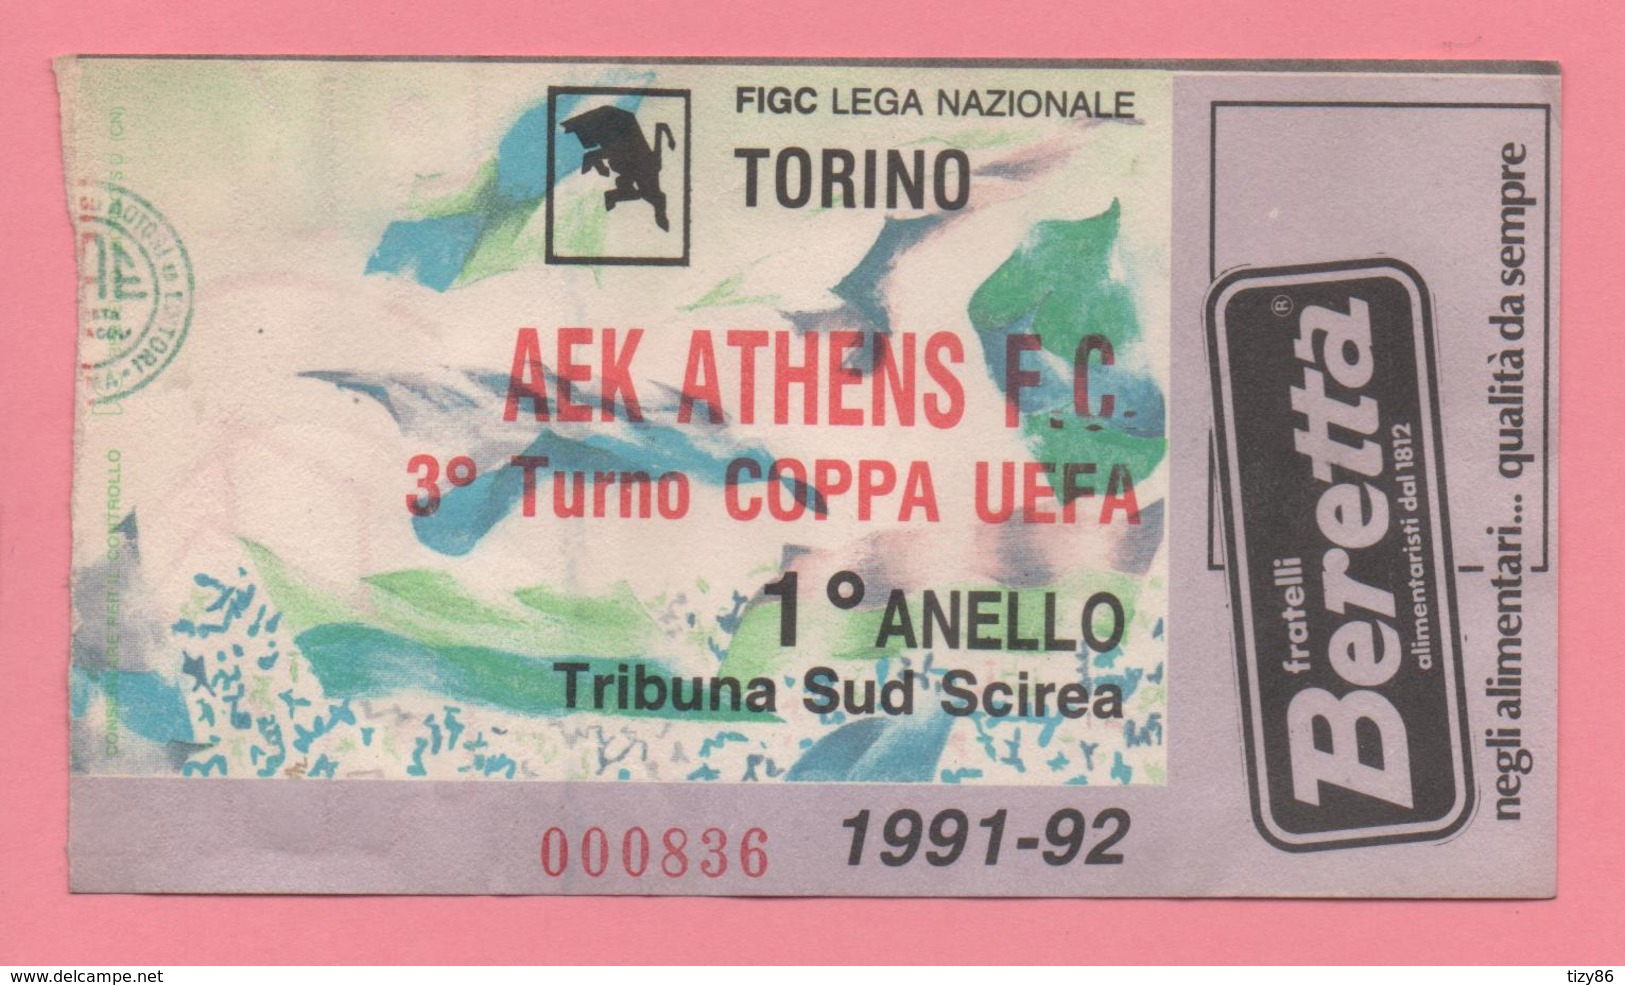 Biglietto Ingresso Stadio Torino Aek Athens 1992 - Tickets - Vouchers